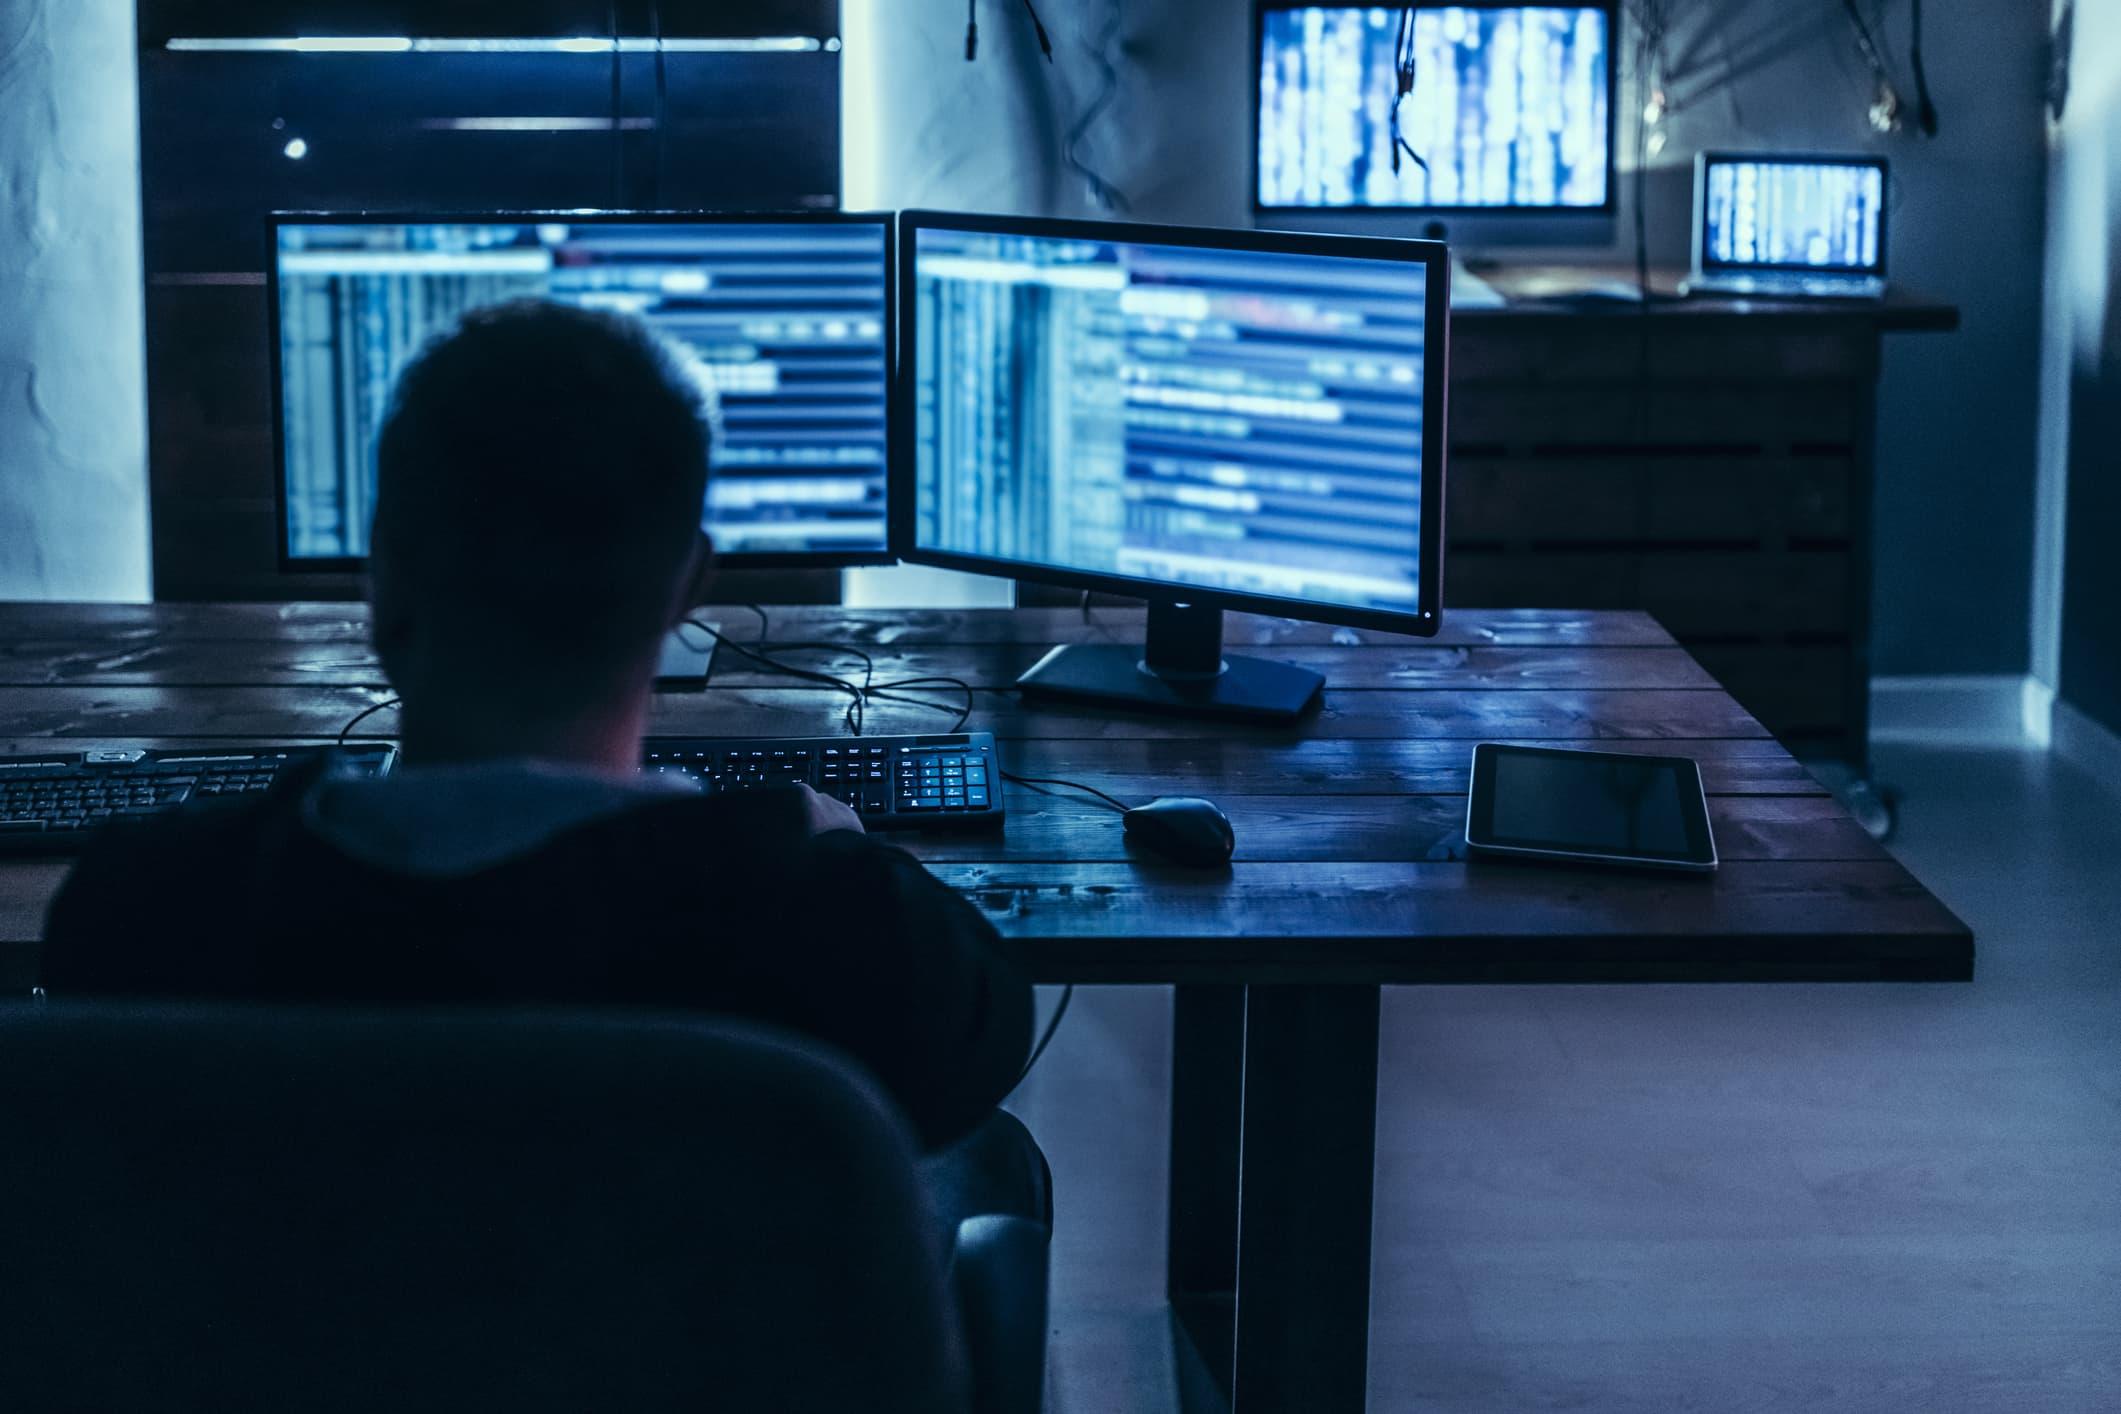 Los líderes empresariales deben tomar medidas urgentes para contrarrestar la amenaza del ransomware, advierte la Casa Blanca en un memo